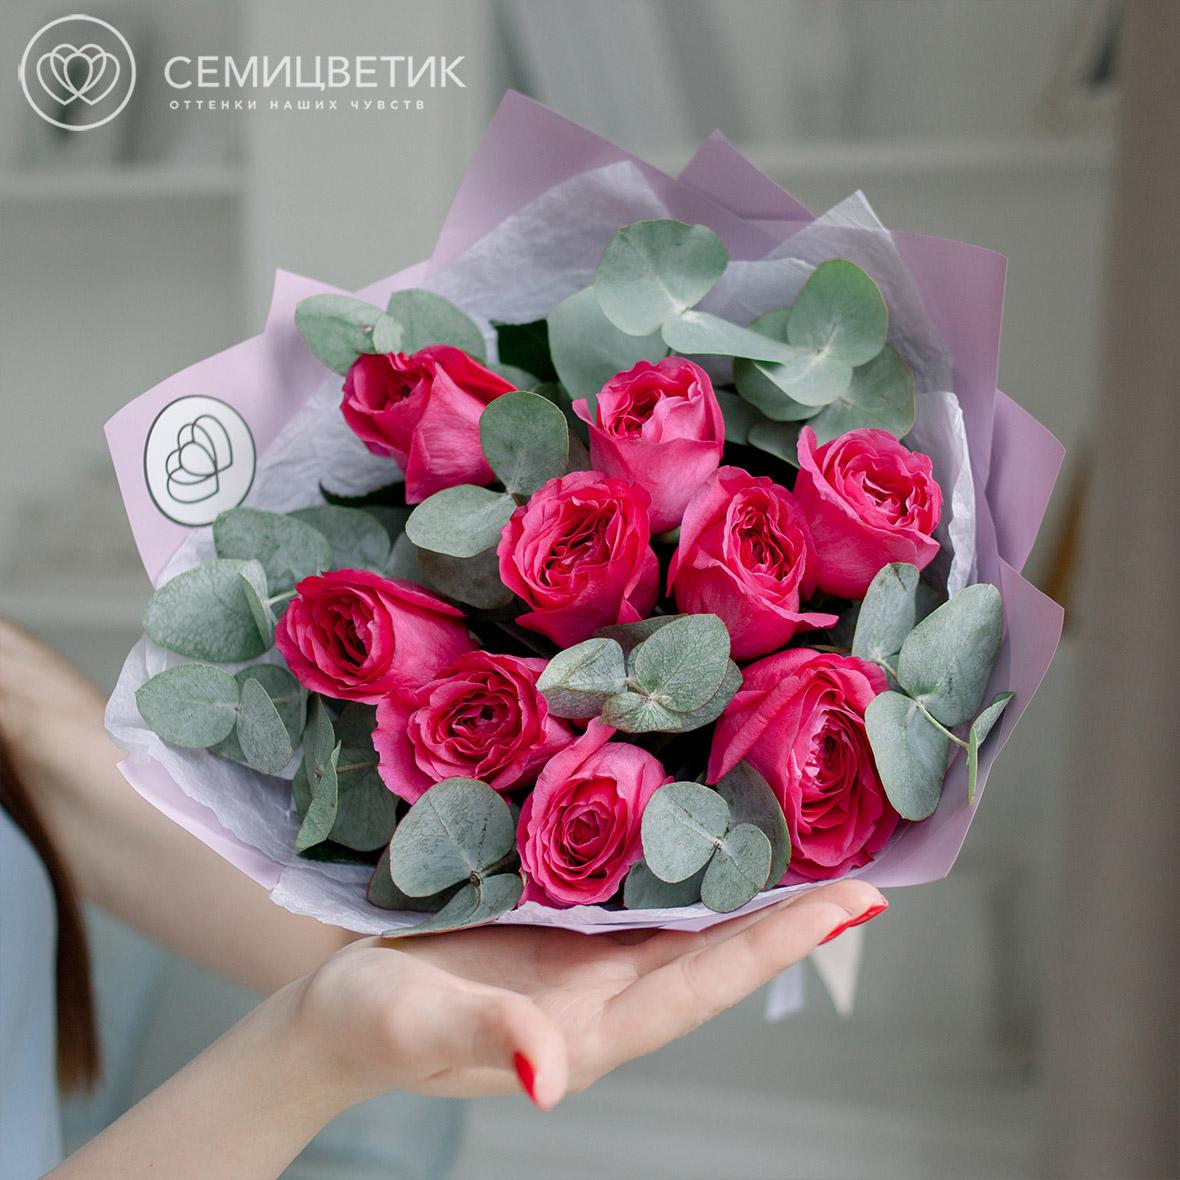 9 пионовидных малиновых роз Дэвид Остин с эвкалиптом фото